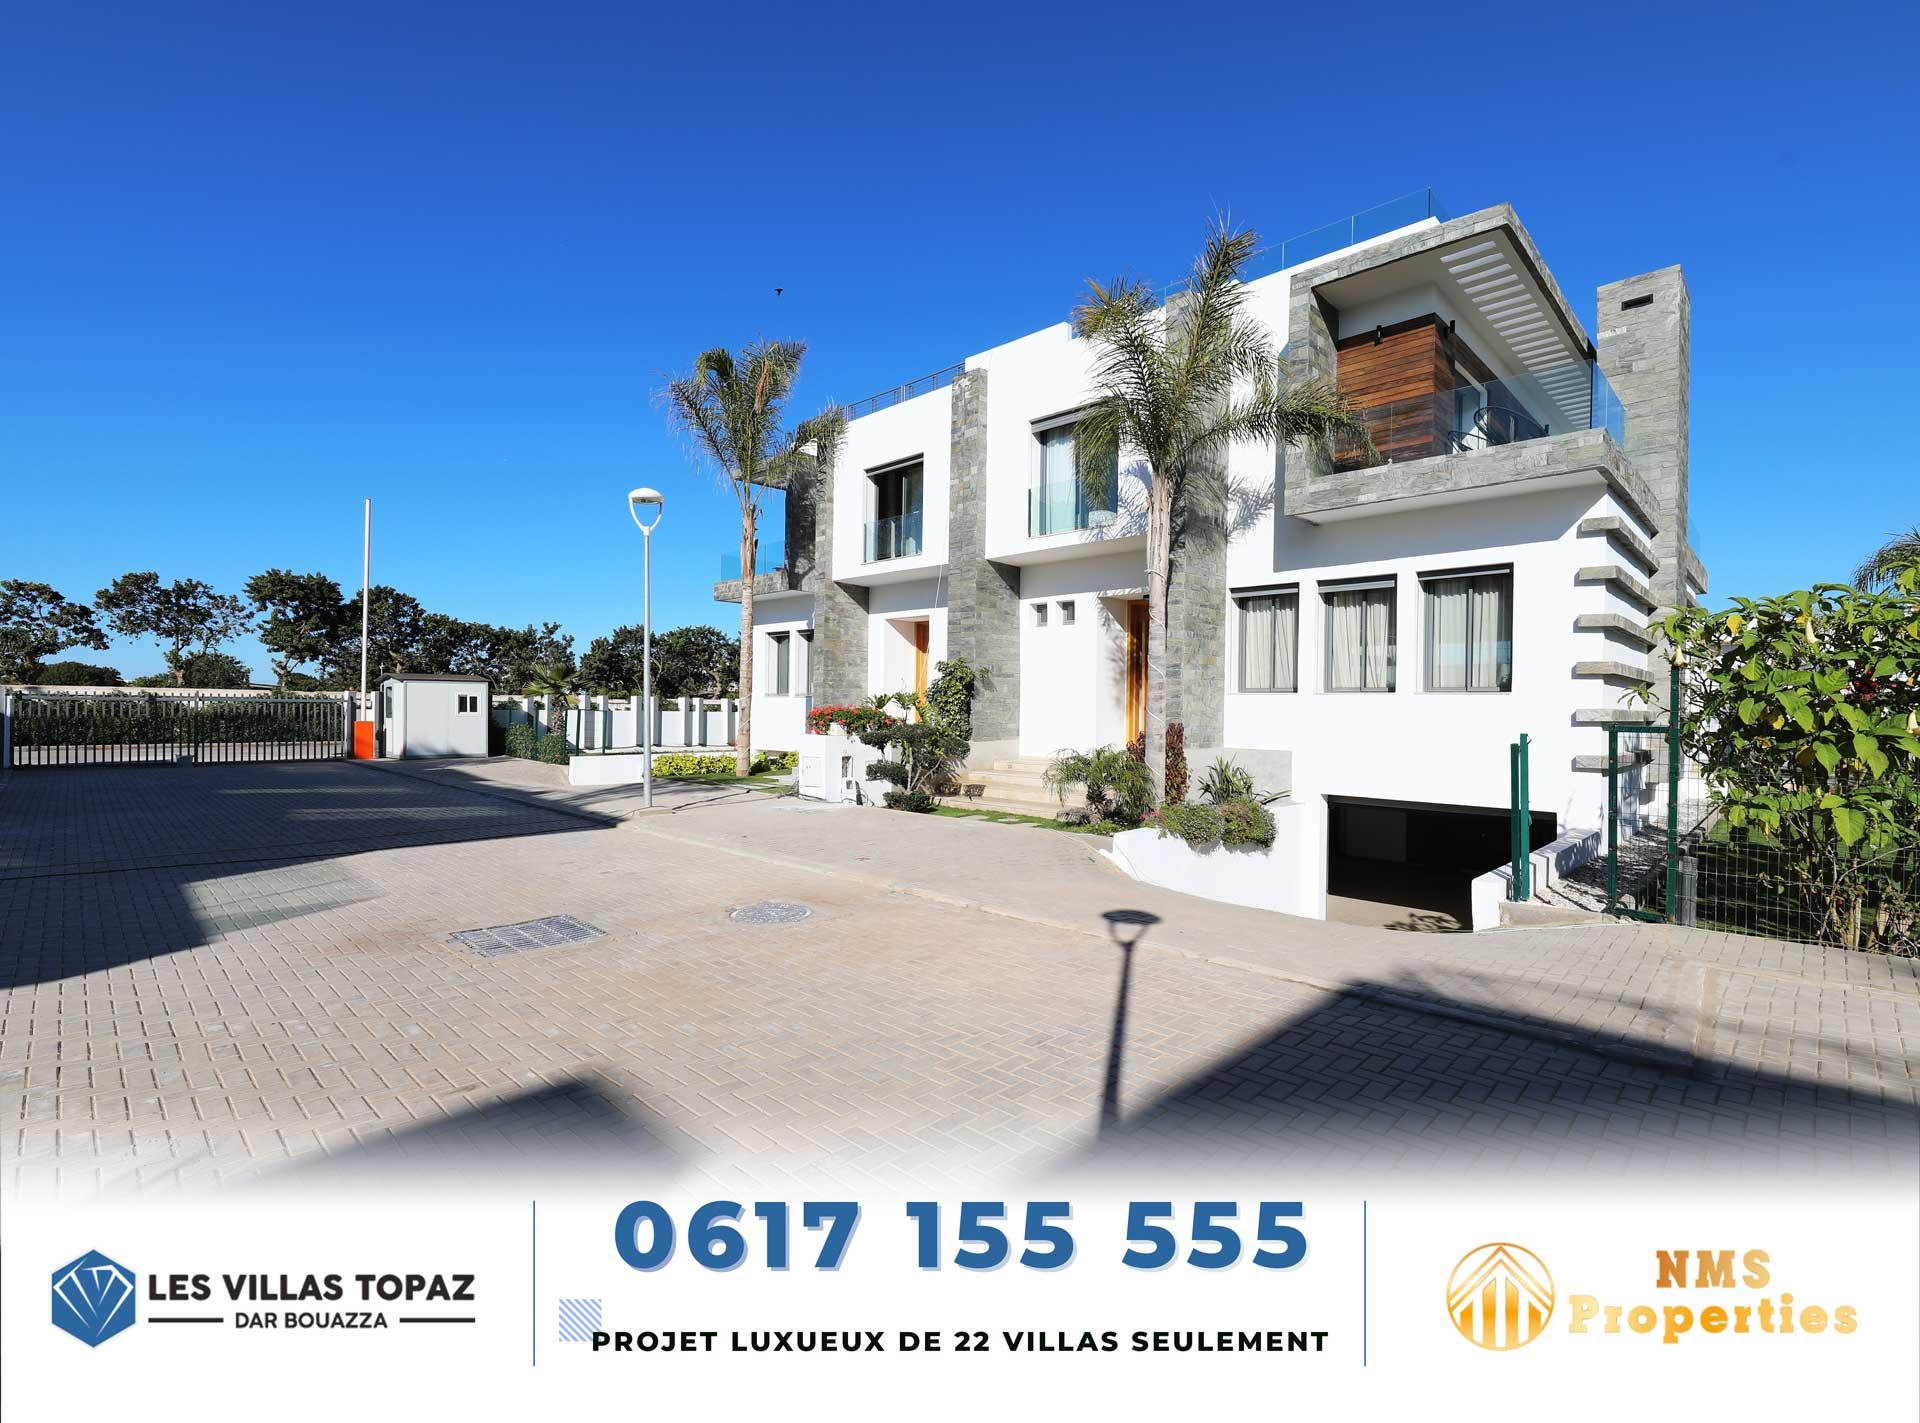 iCom-Agence-de-Communication-au-Maroc-Casablanca-creation-audiovisuelle-et-production-video-nms-villas-topaz2020-05-24 at 3.49.58 PM 4